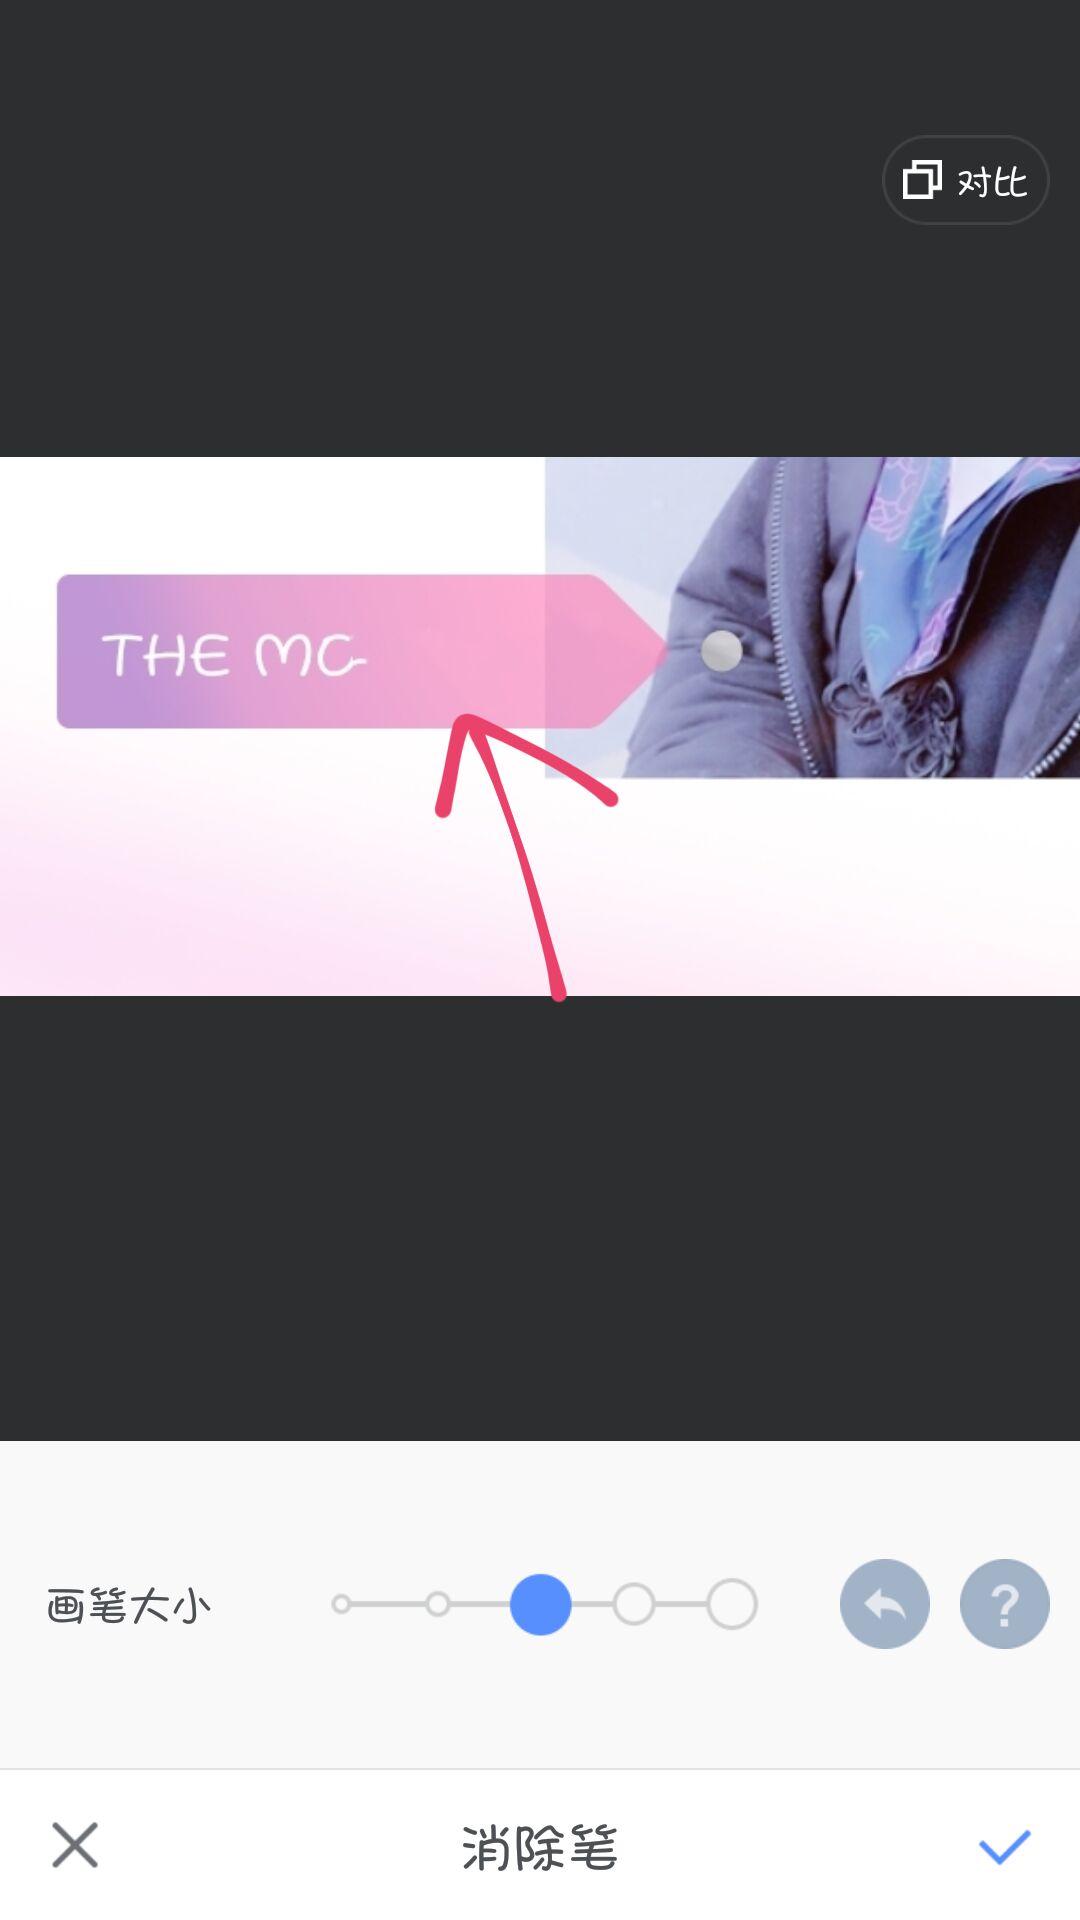 用方法_如何用手机美图秀秀擦除图片中的文字_百度知道